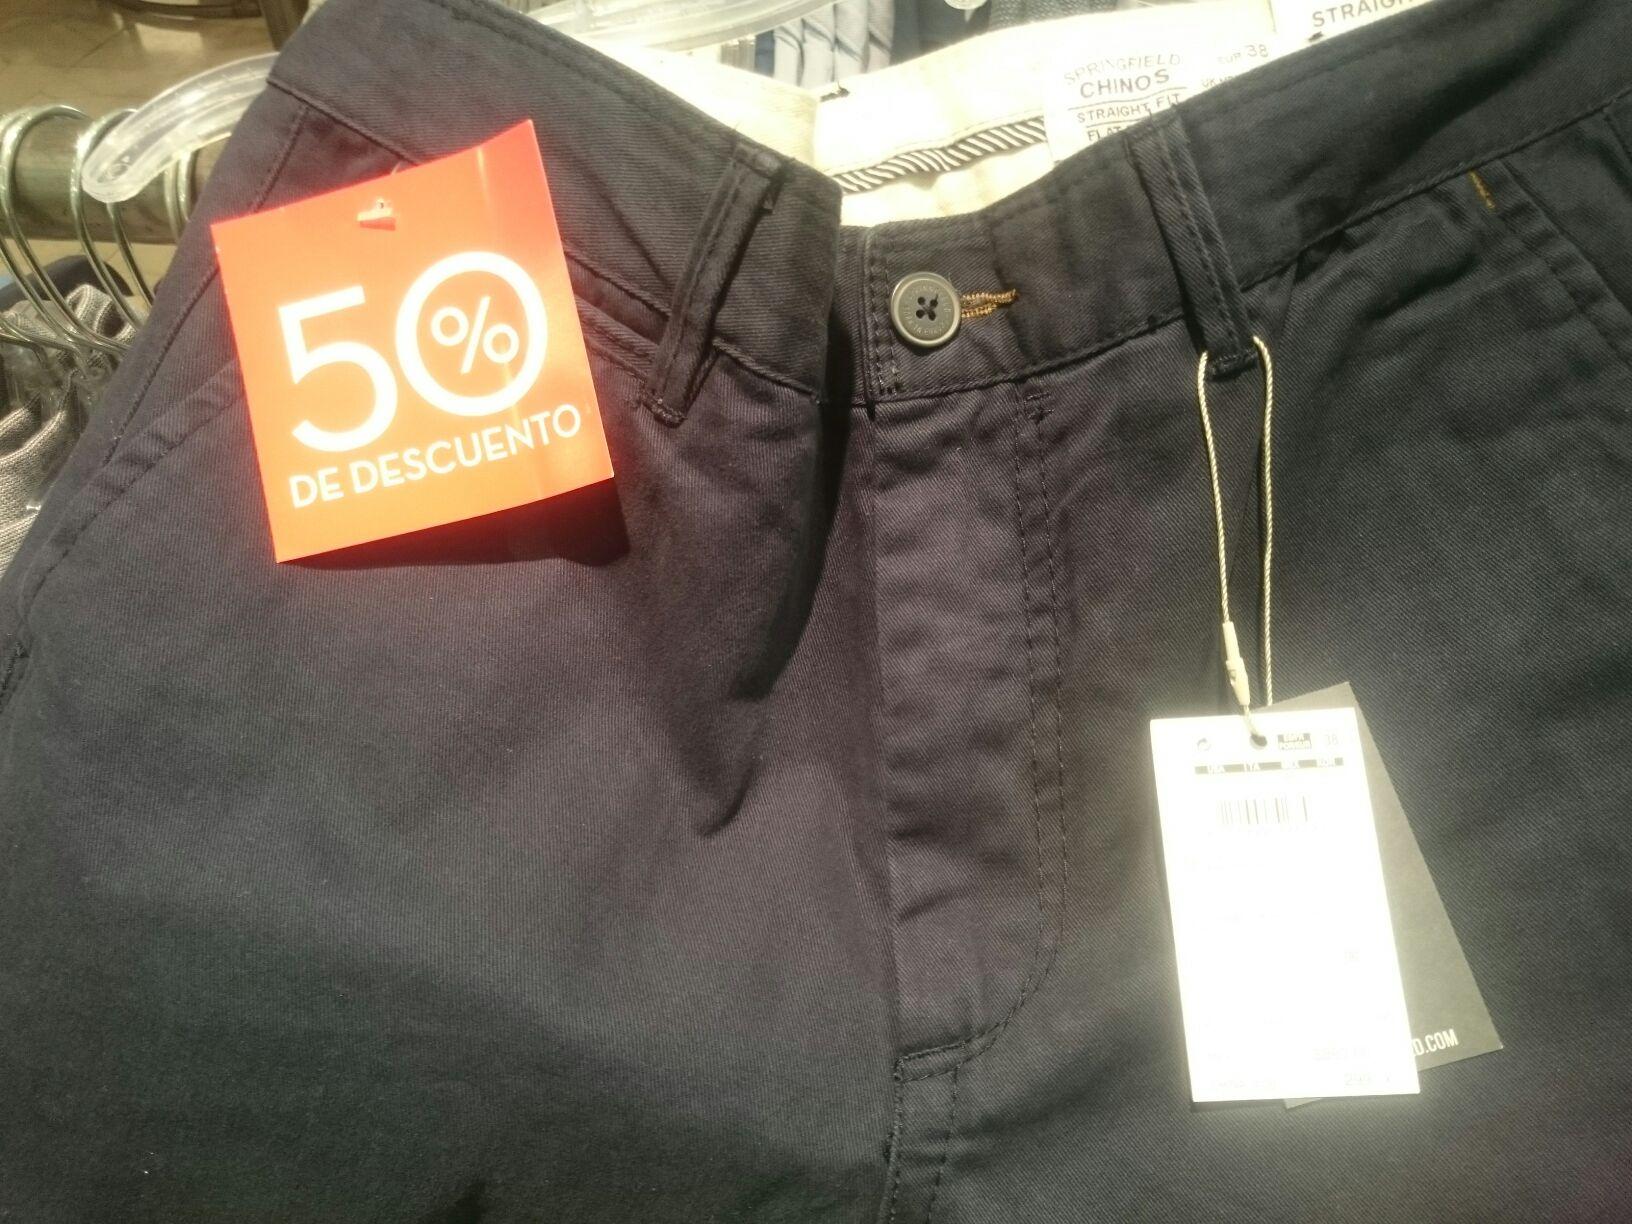 Palacio de Hierro: Pantalón chinos springfield al 50% de descuento